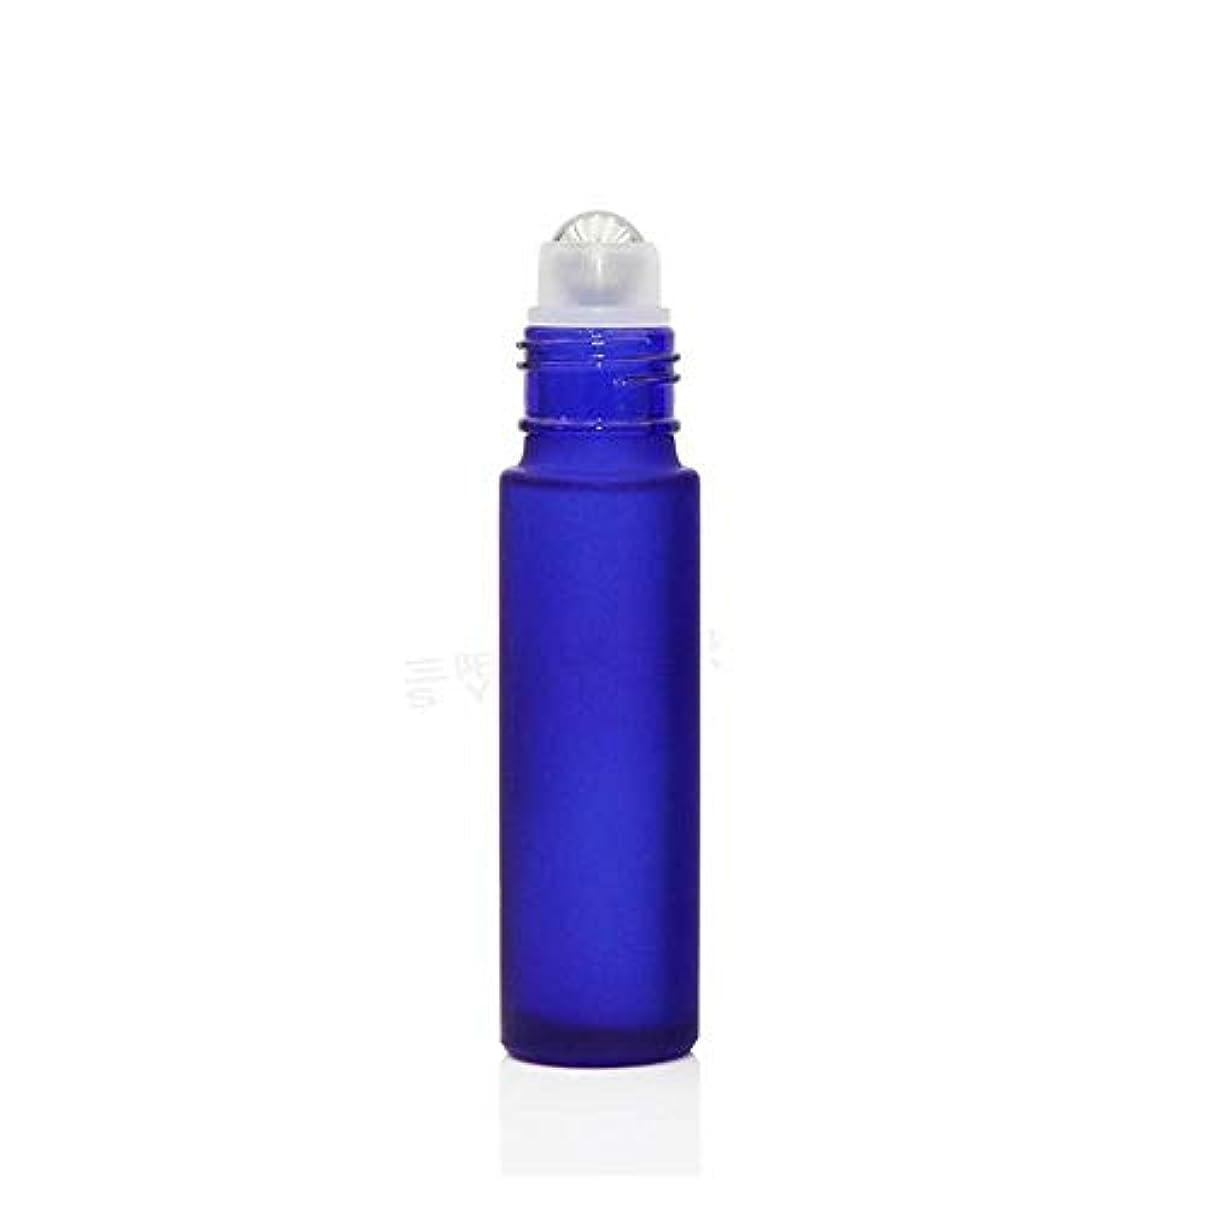 オリエンタル絡まる時期尚早gundoop ロールオンボトル アロマオイル 精油 小分け用 遮光瓶 10ml 10本セット ガラスロールタイプ (ブルー)